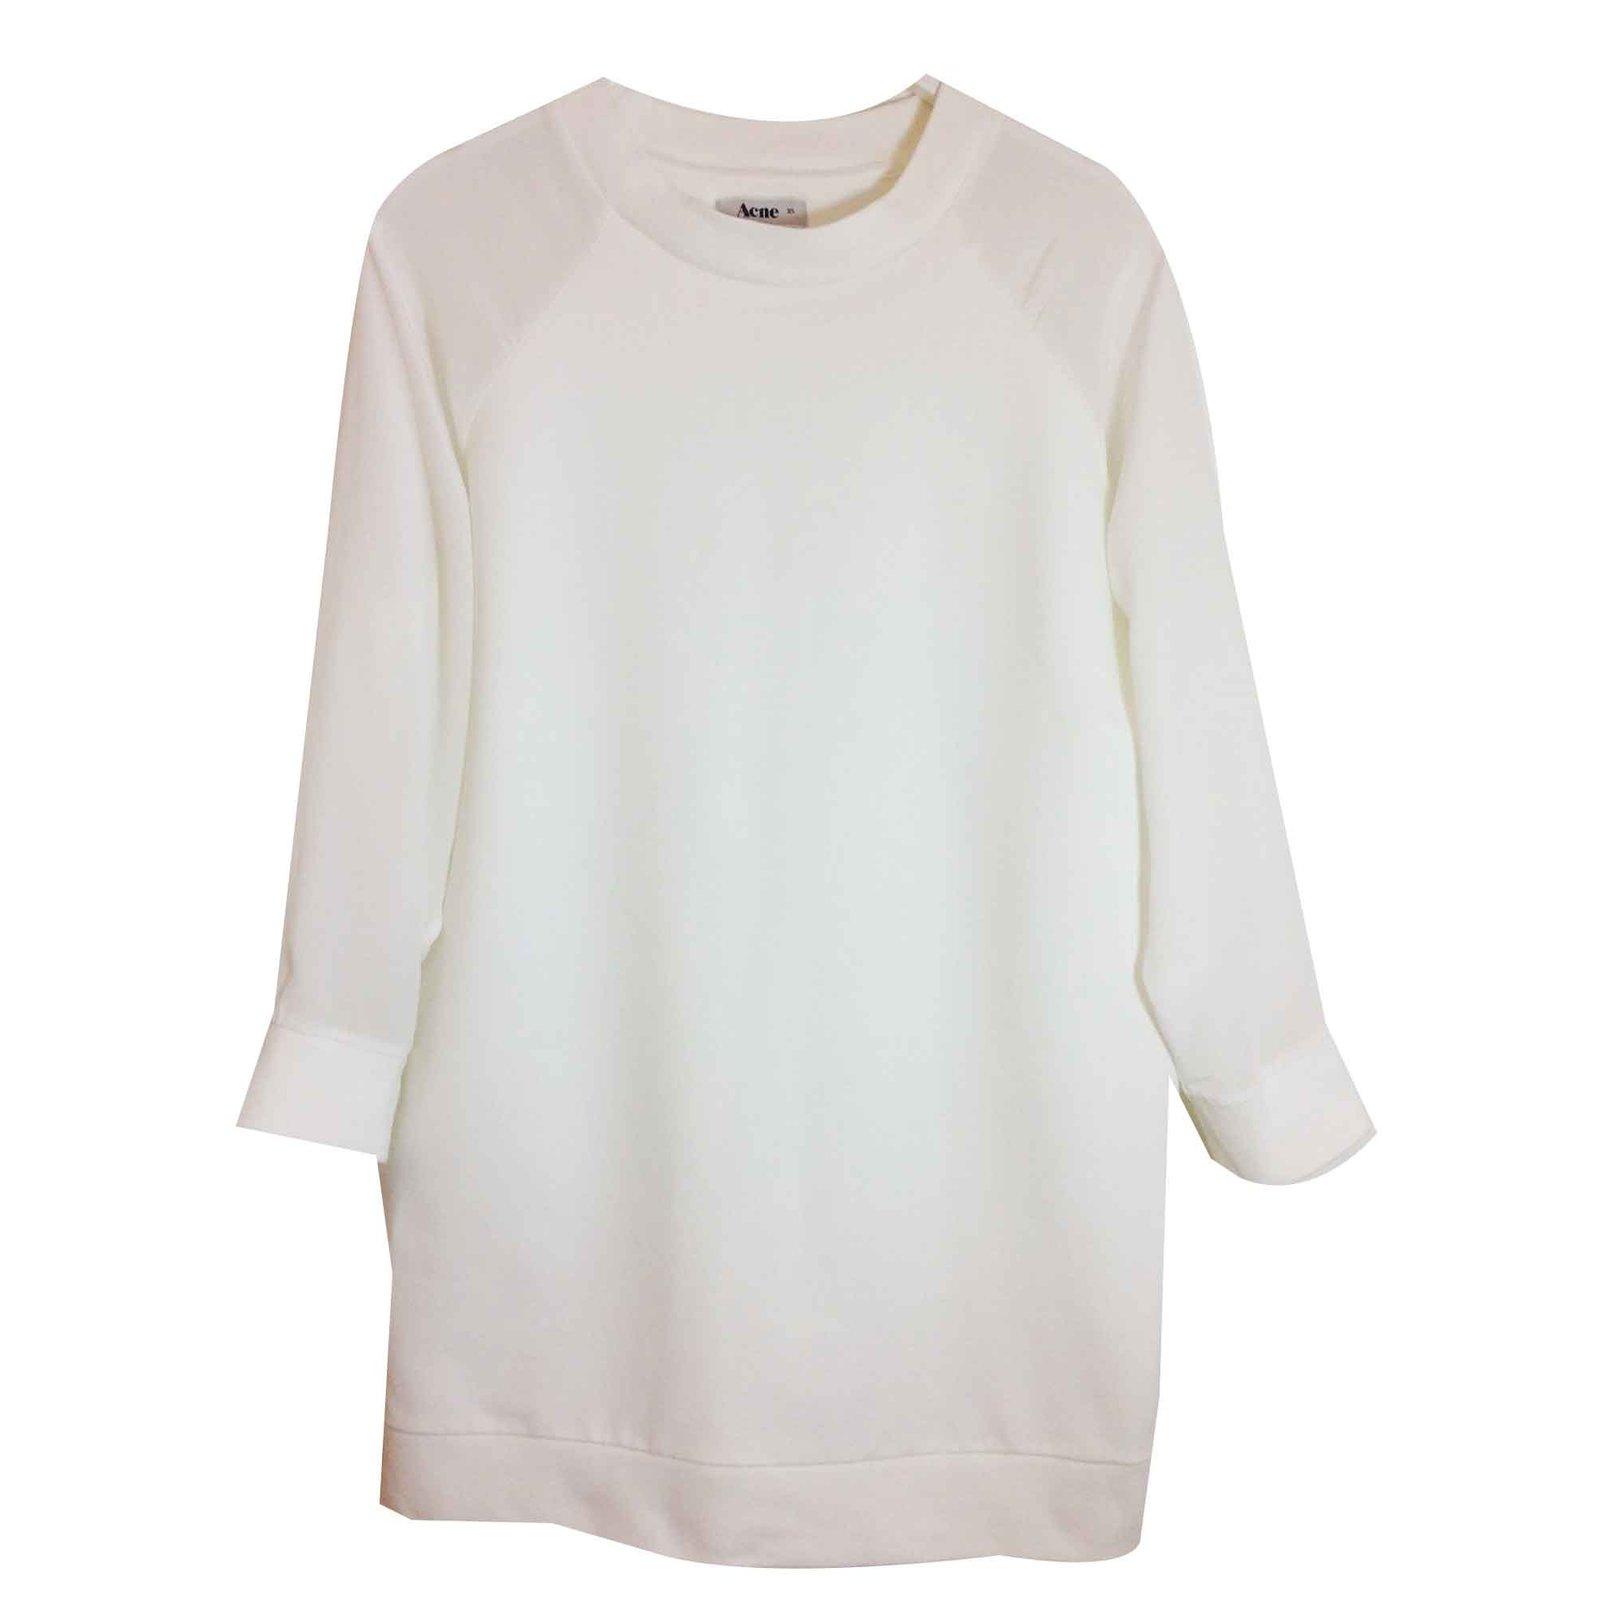 aba40aef2 Acne white cotton/silk sweatshirt Knitwear Silk,Cotton White ref.106683